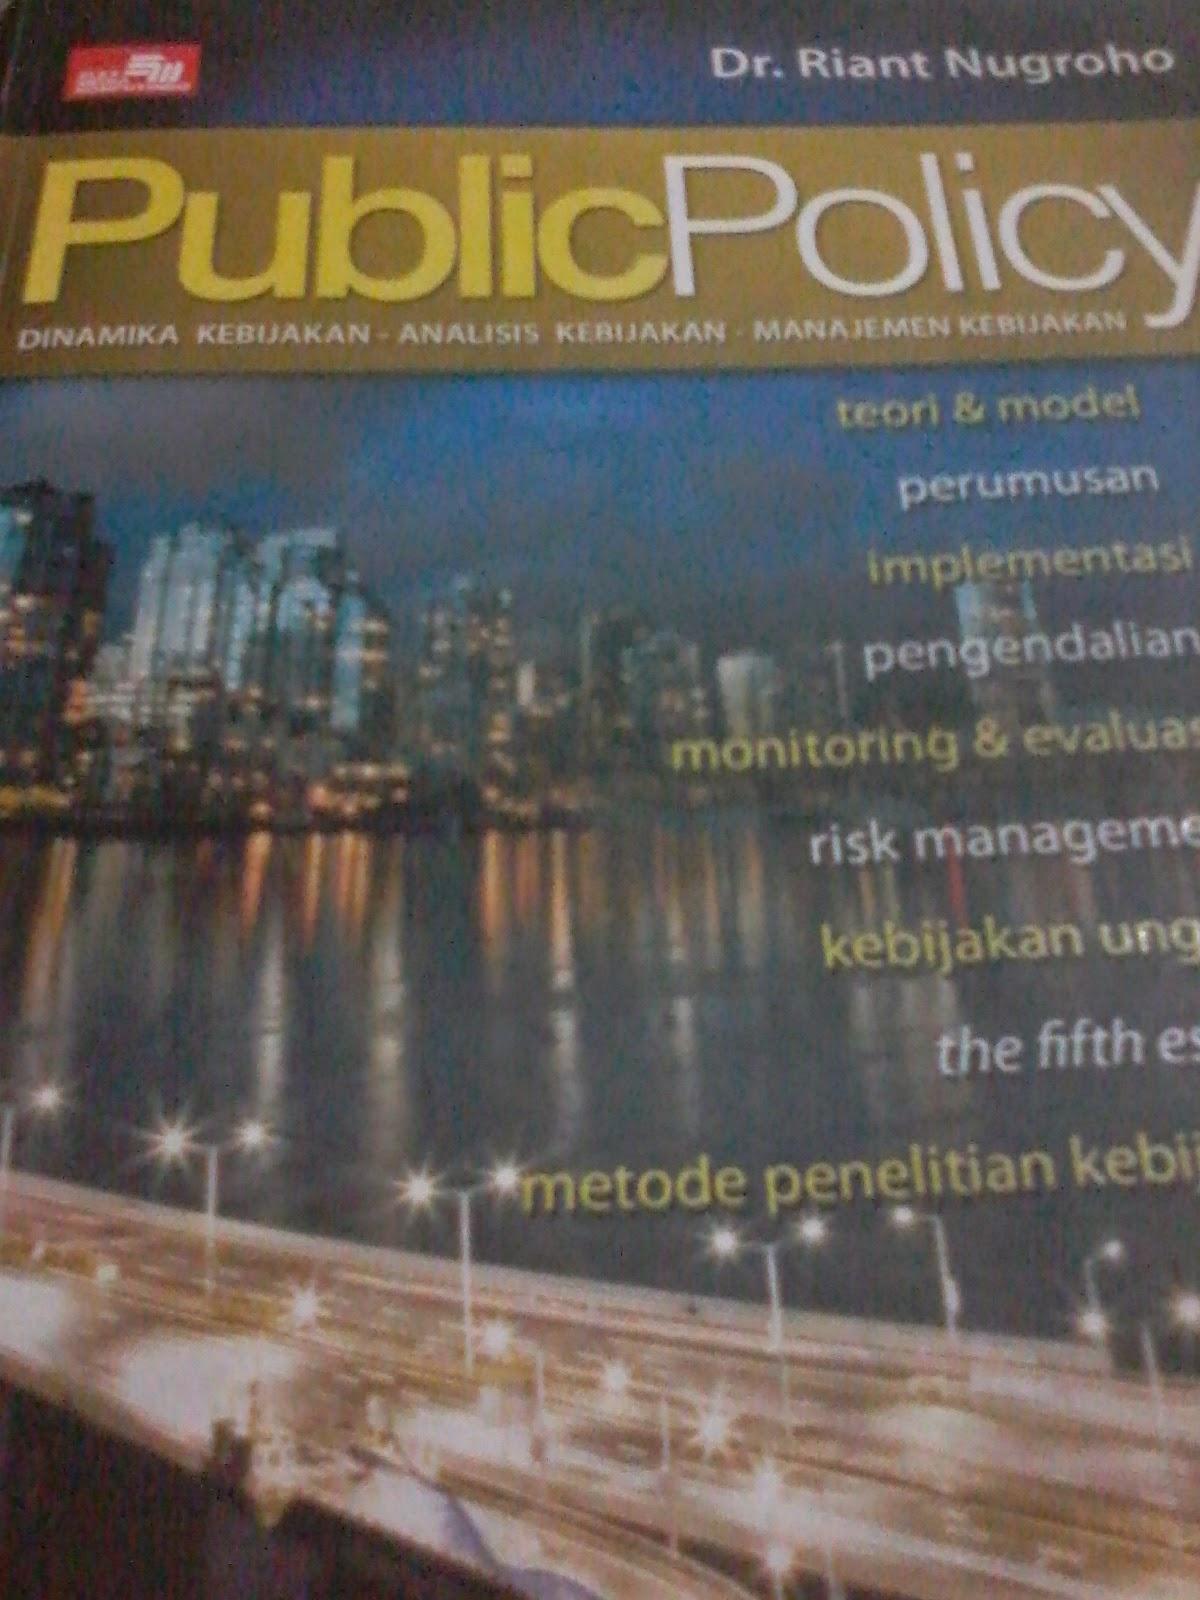 Download File PPT Rumusan Kebijakan Publik